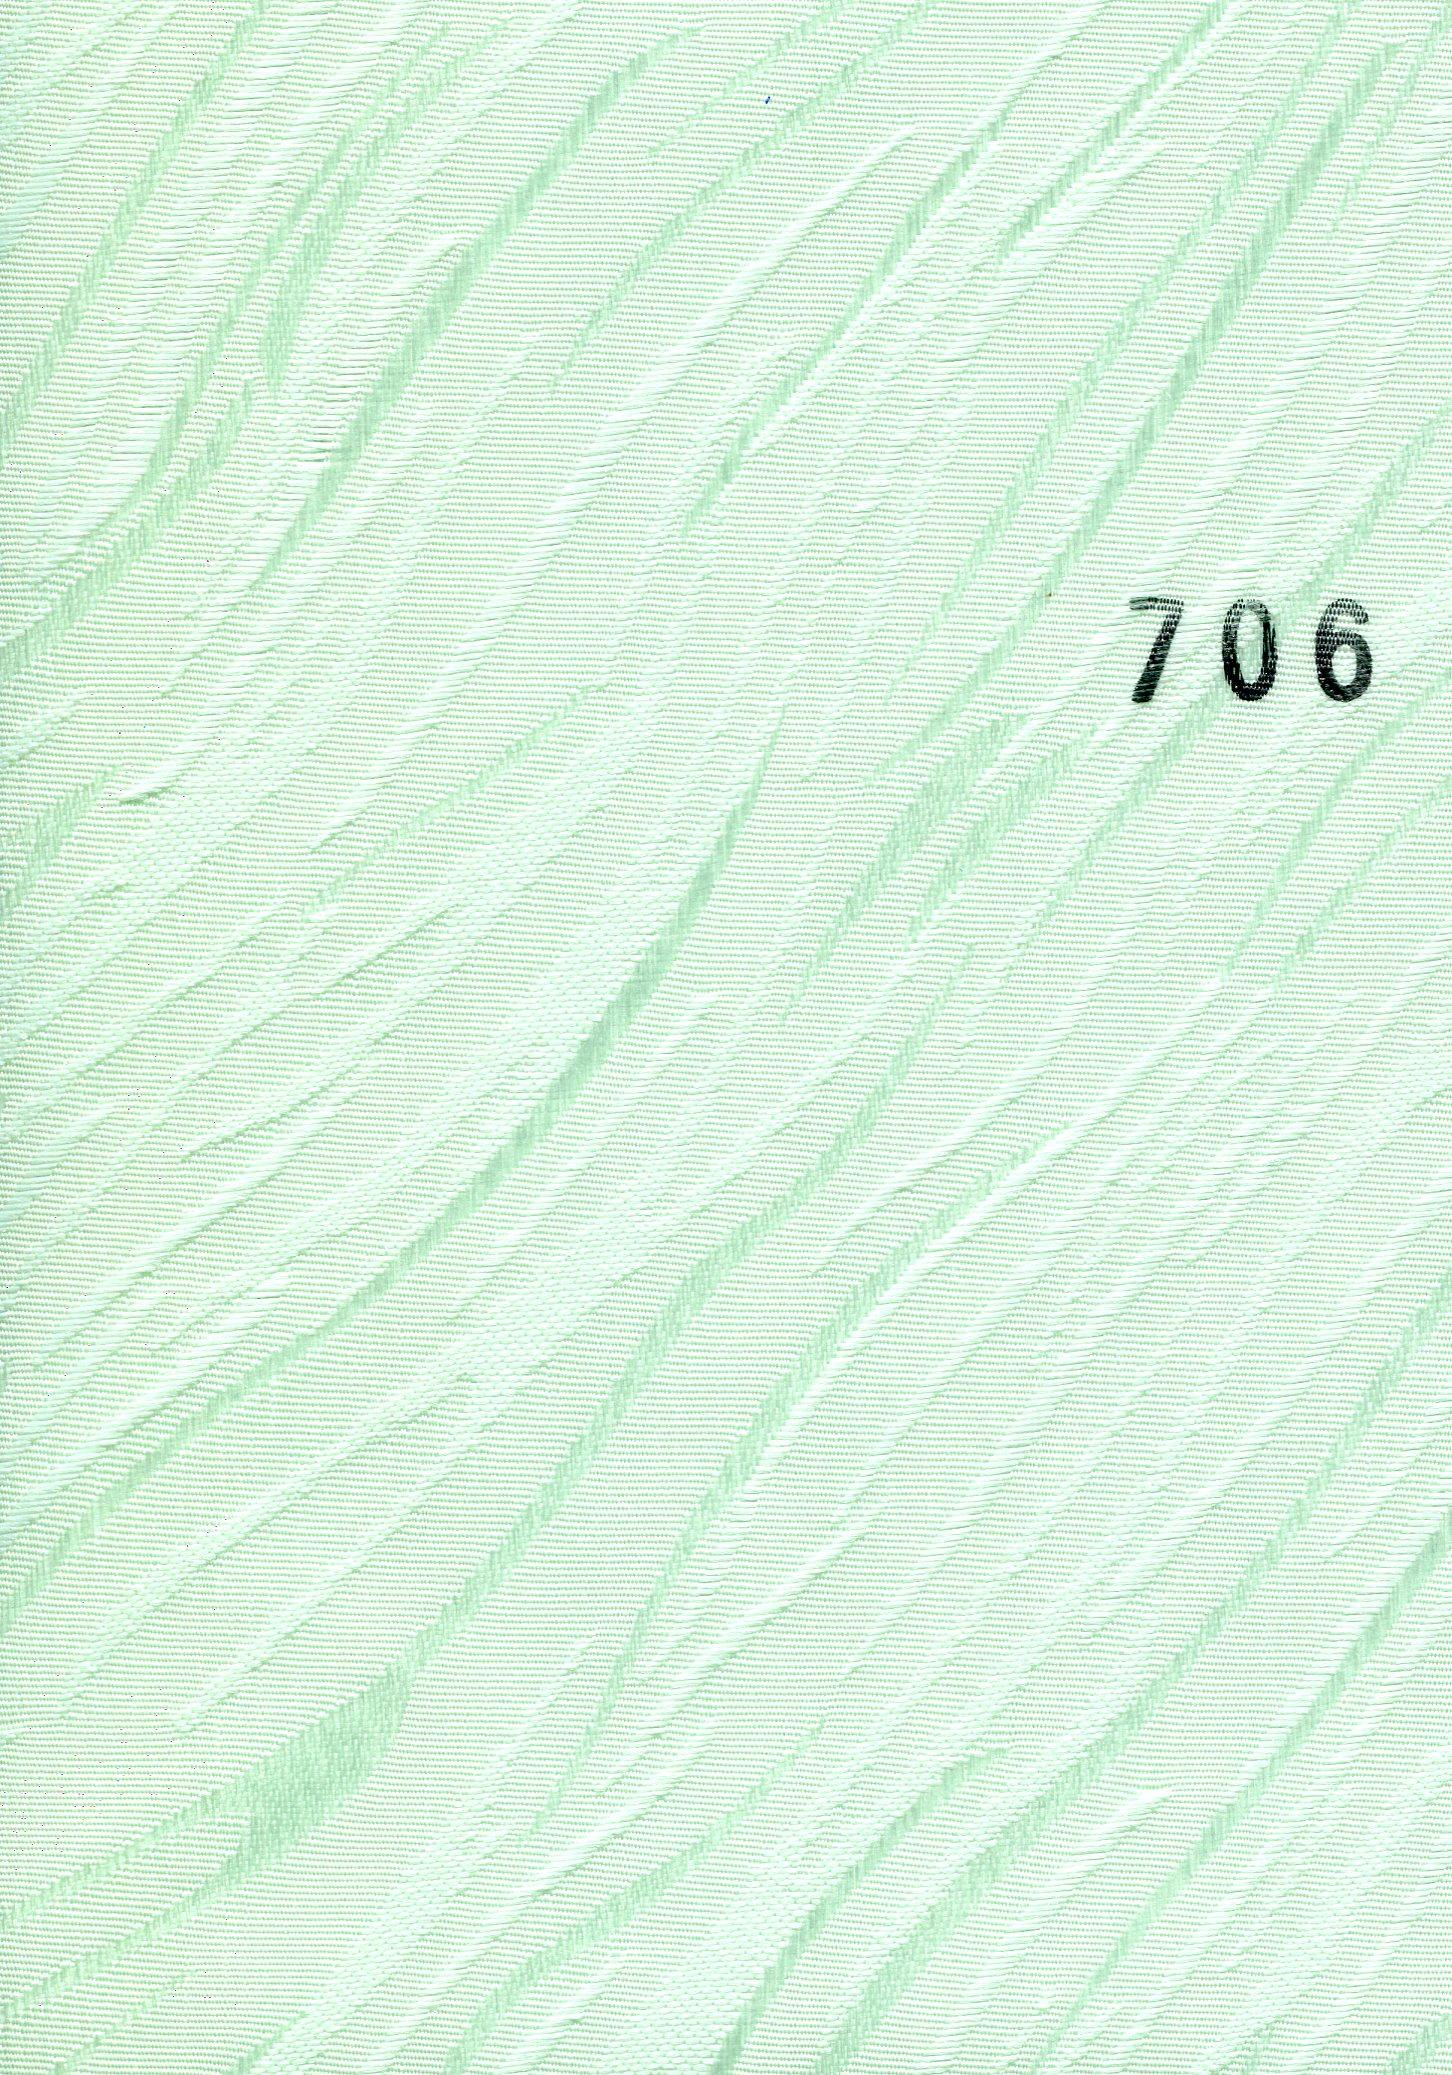 Tiffany 706